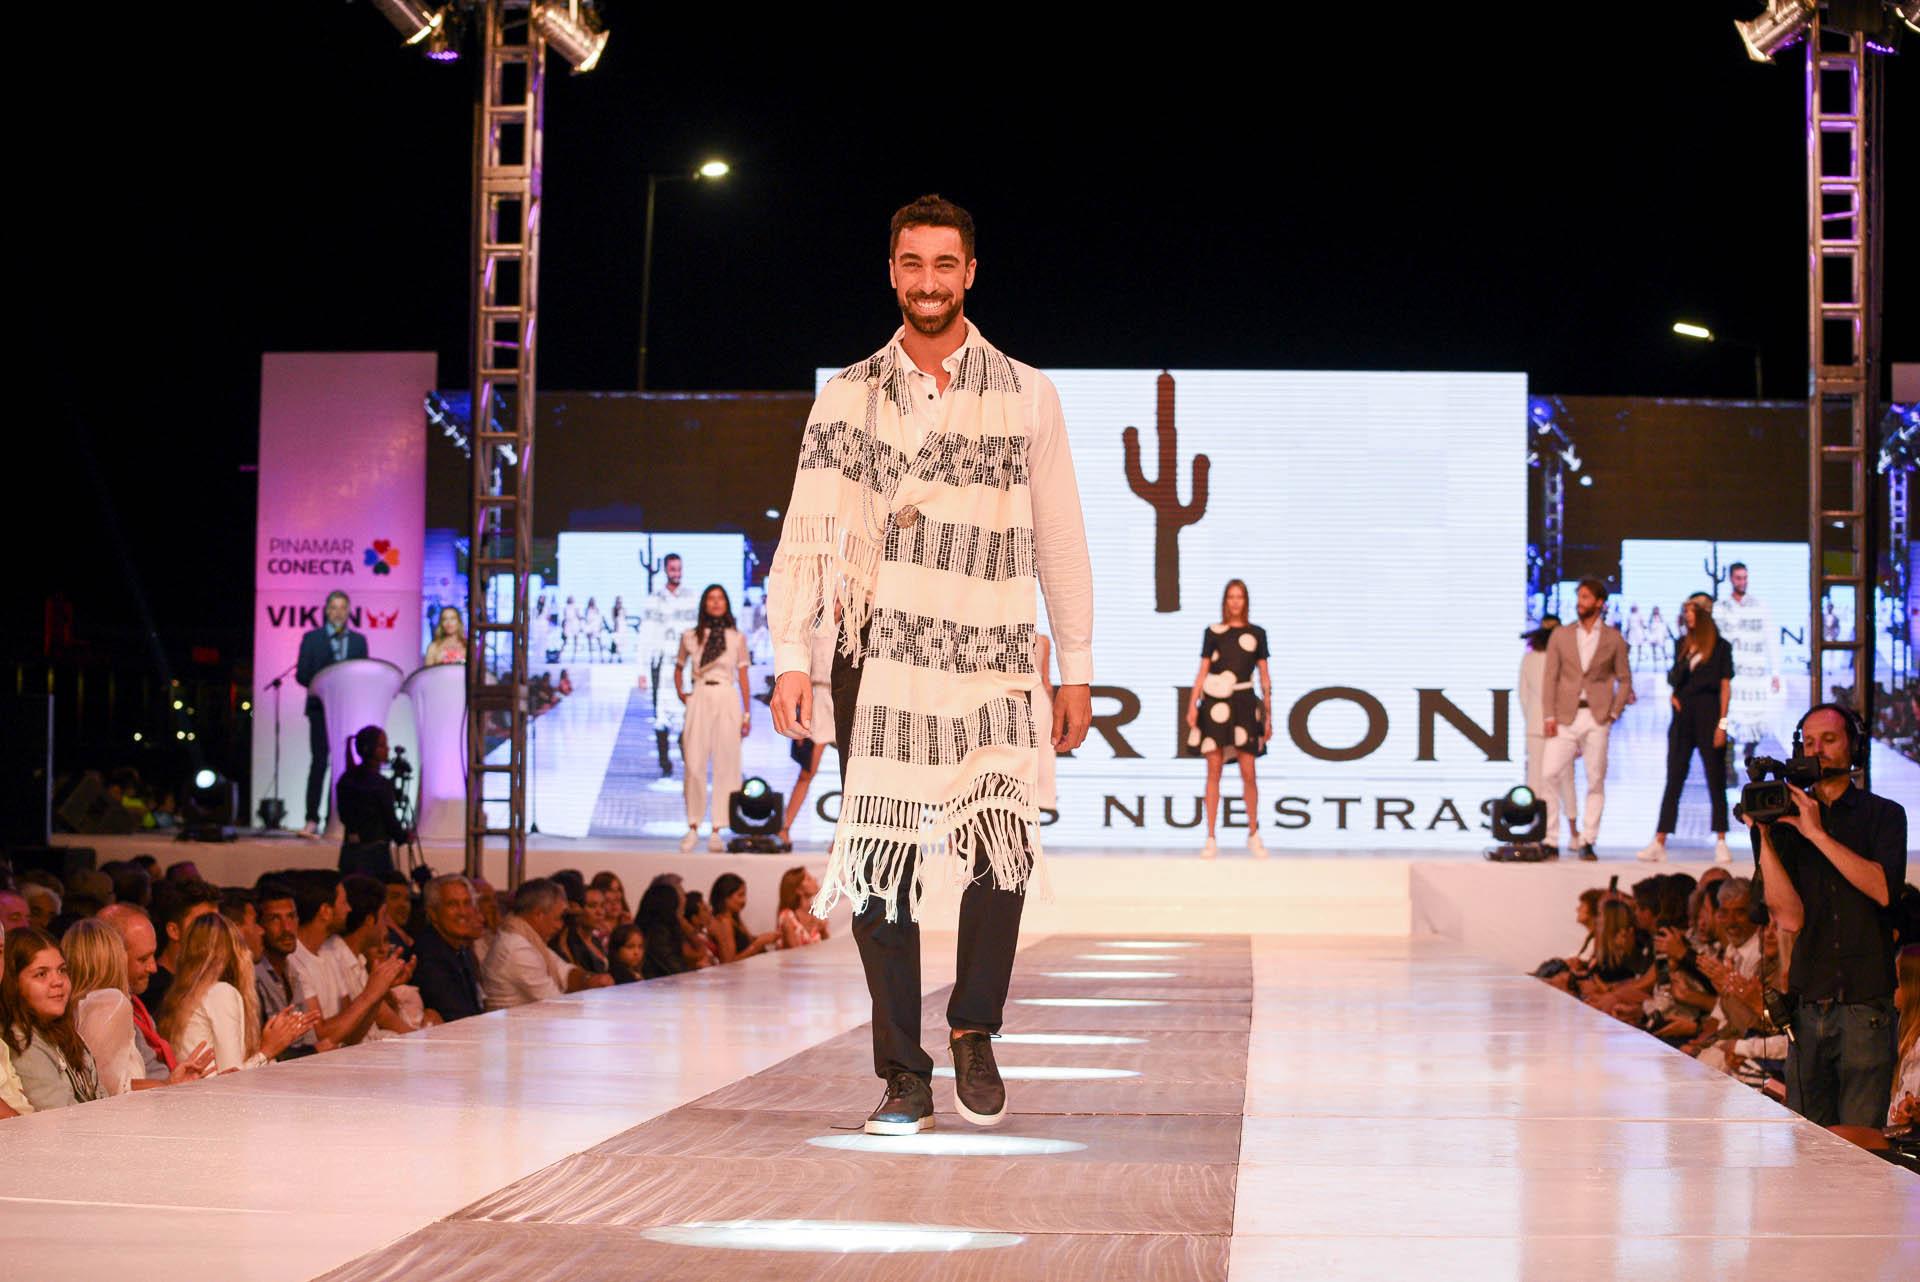 La encargada de abrir el show fue la pasada de la reconocida firma argentina Cardon, la marca de indumentaria que rescata la identidad cultural argentina. Los modelos lucieron looks en blanco y negro